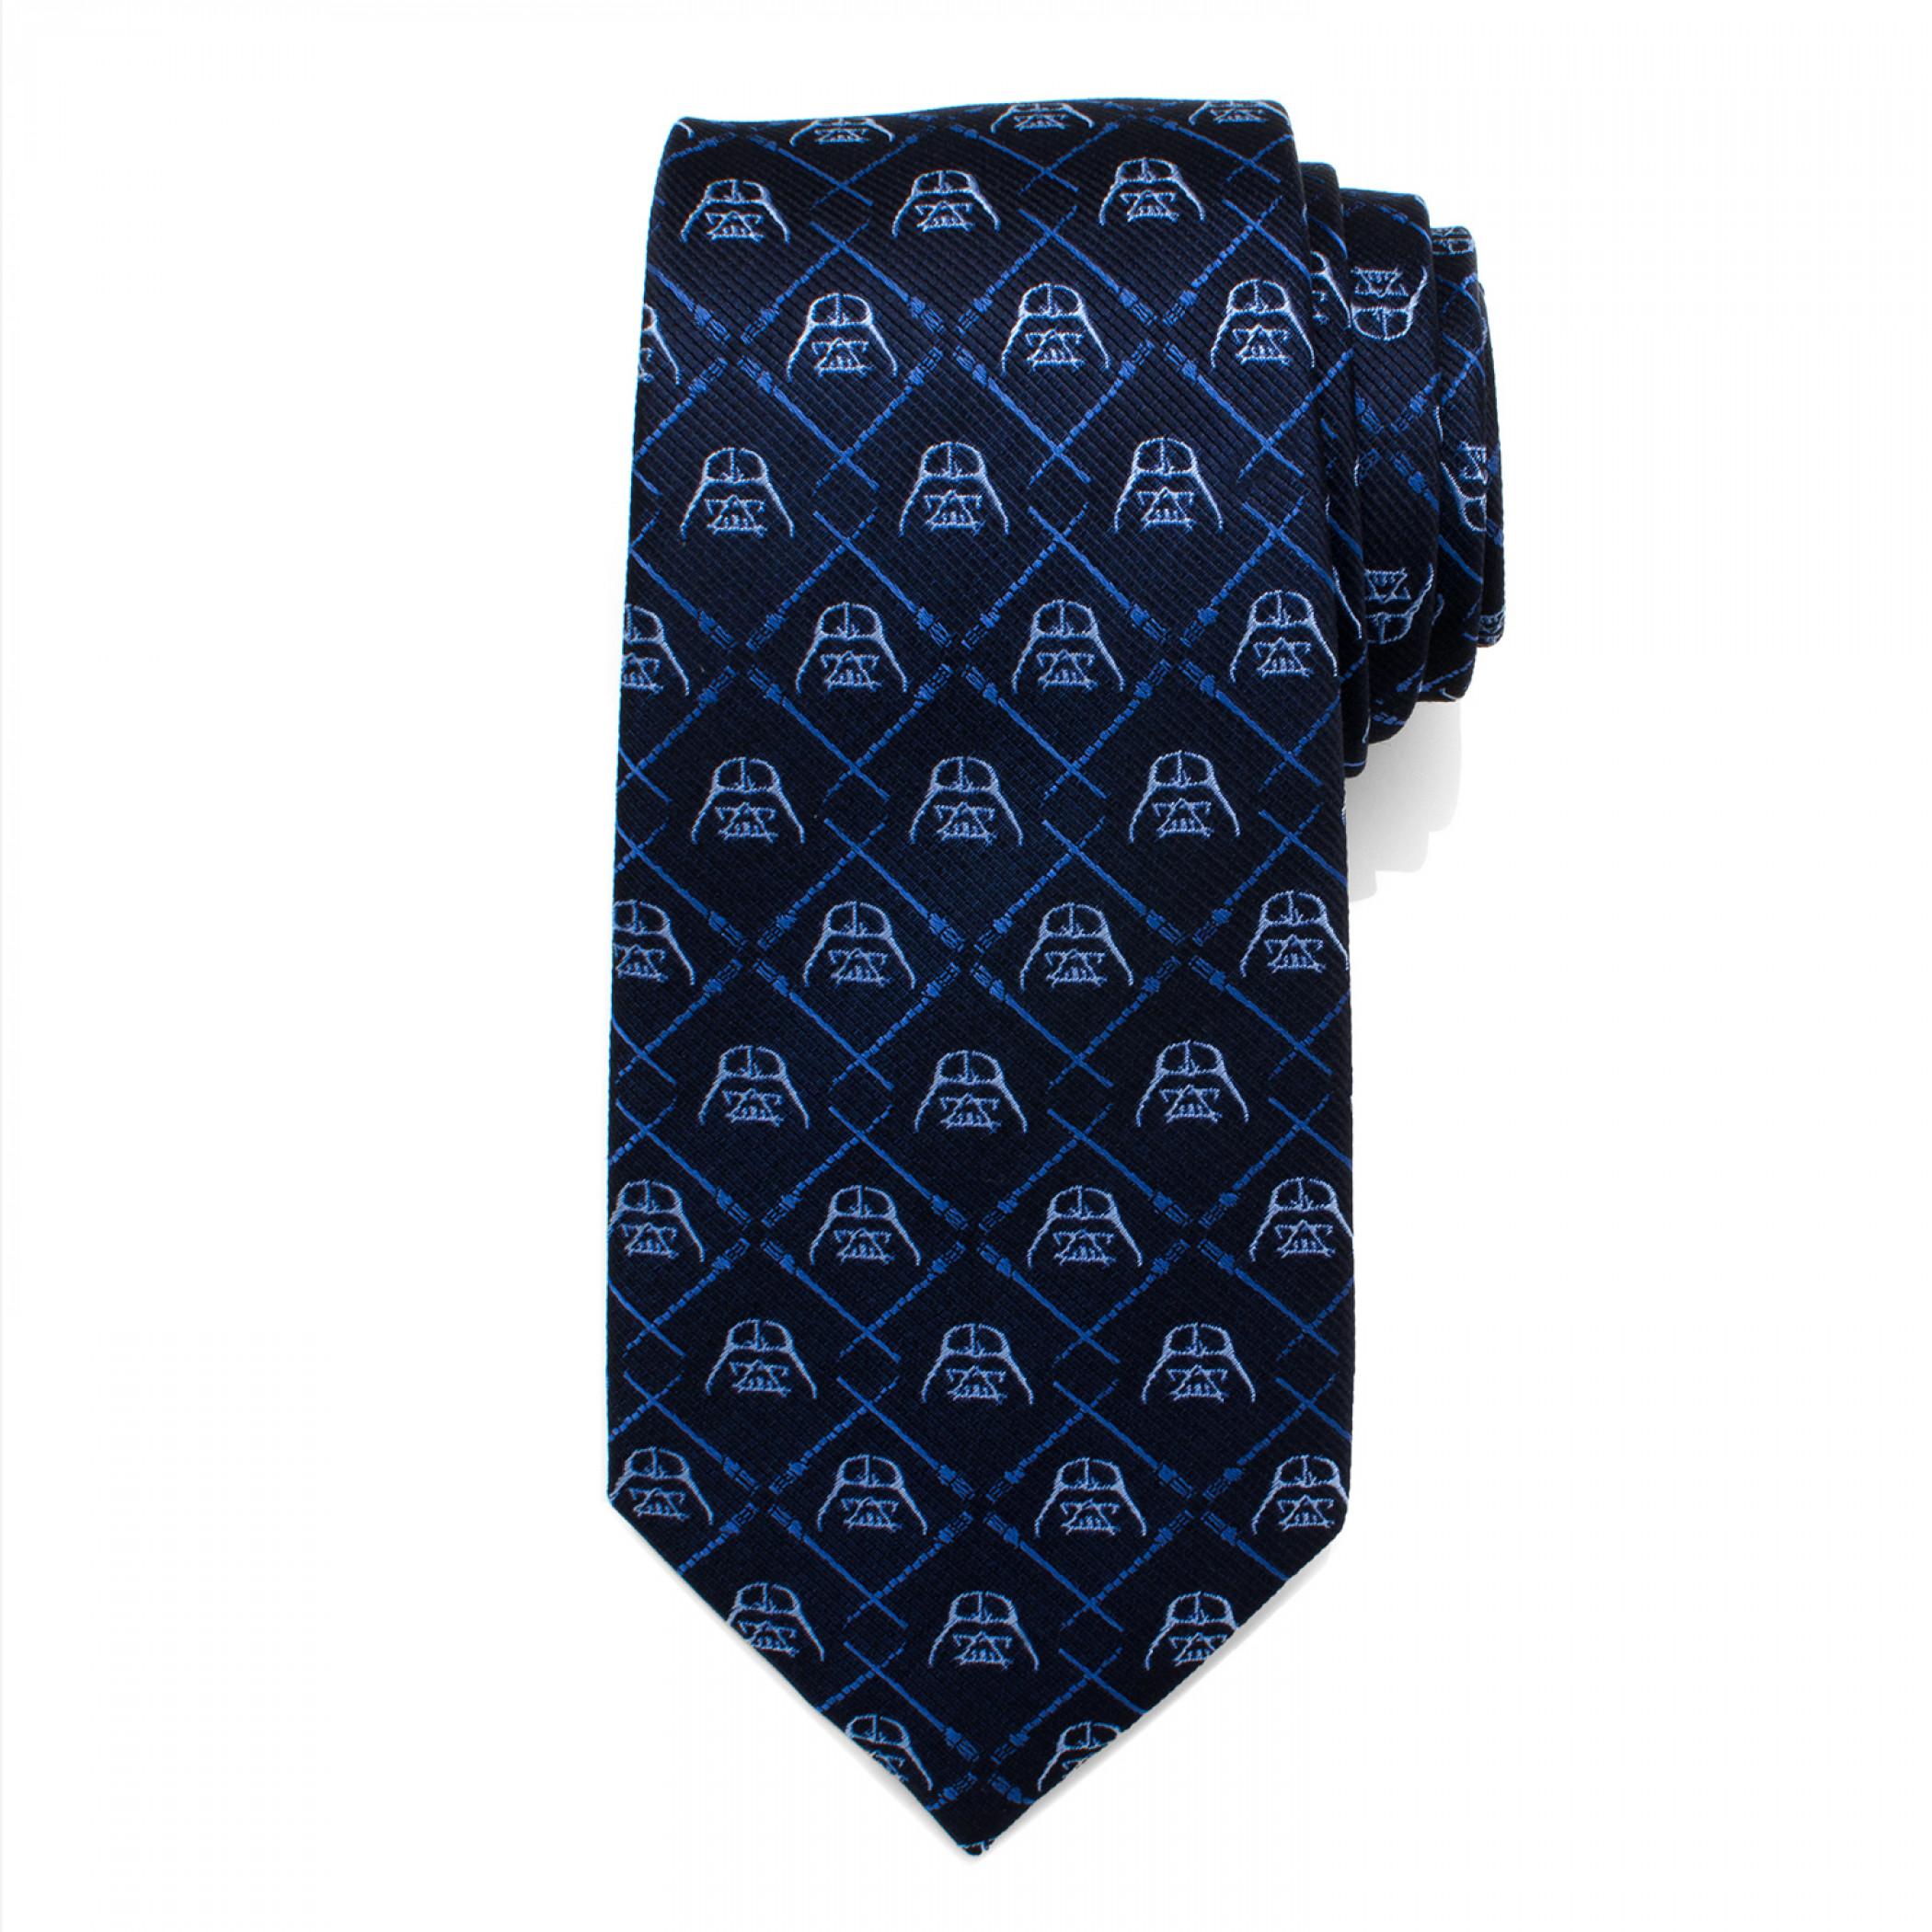 Star Wars Darth Vader Lightsaber Blue Silk Tie